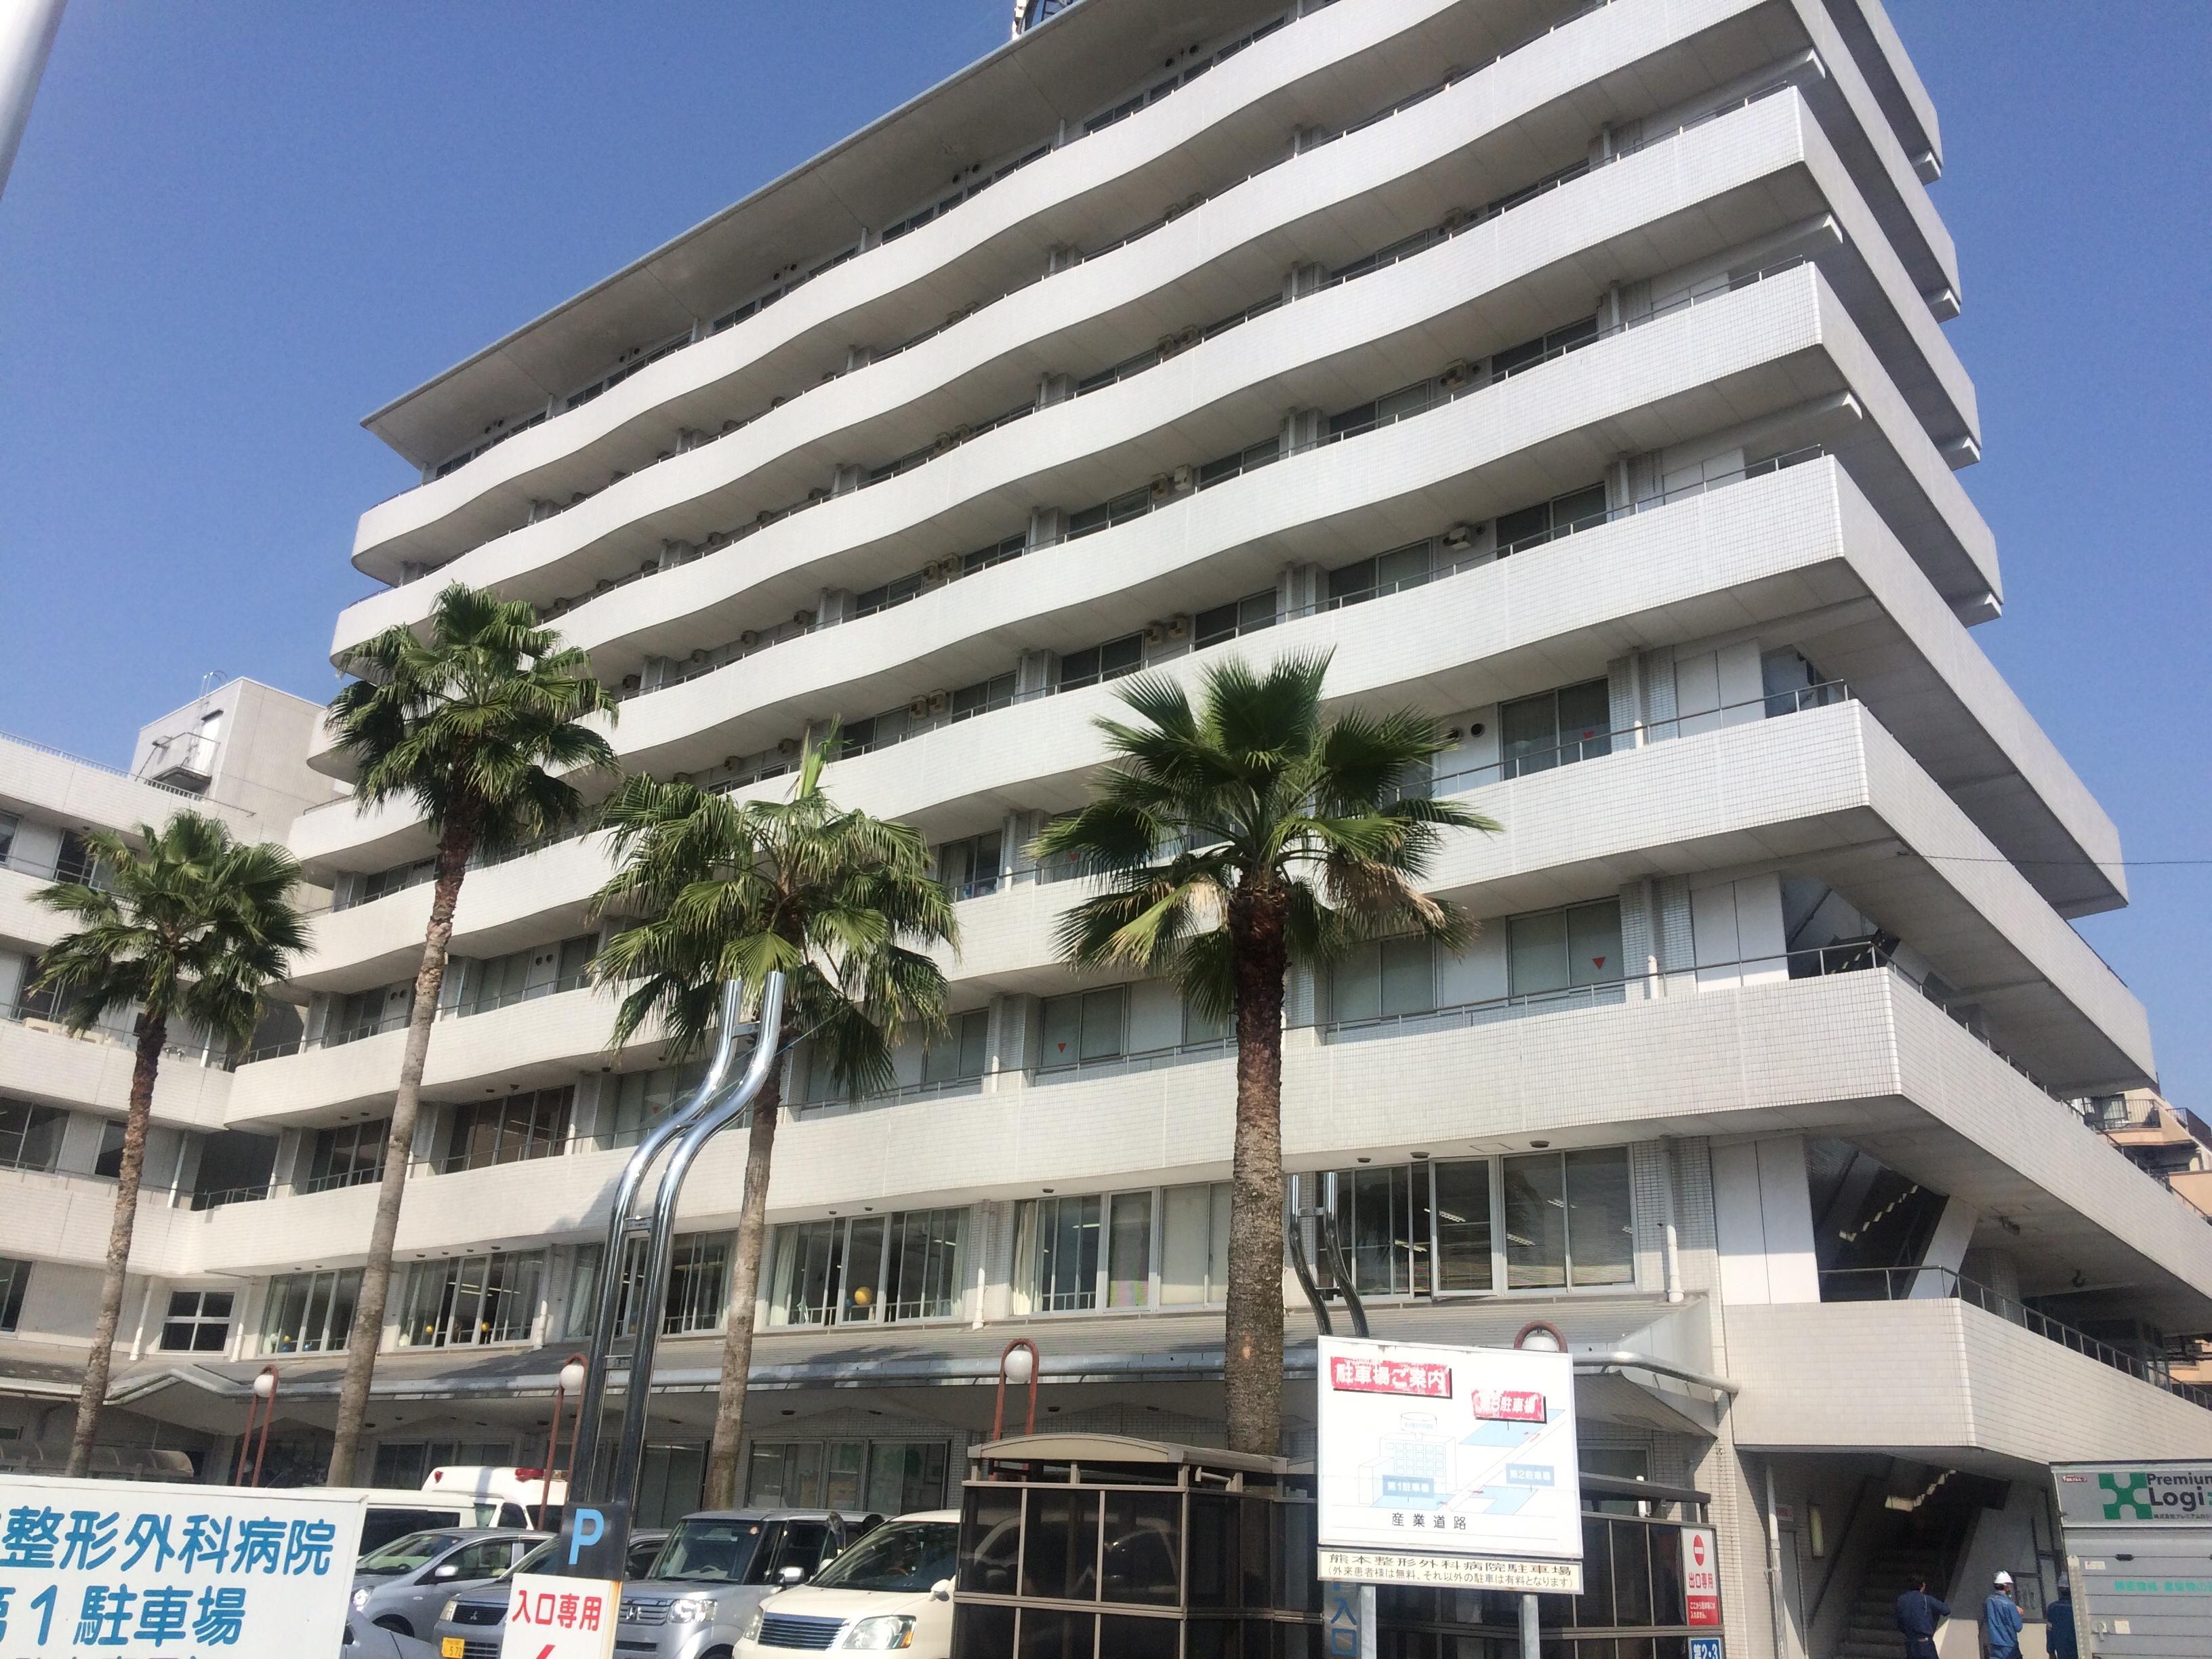 熊本整形外科病院の写真1